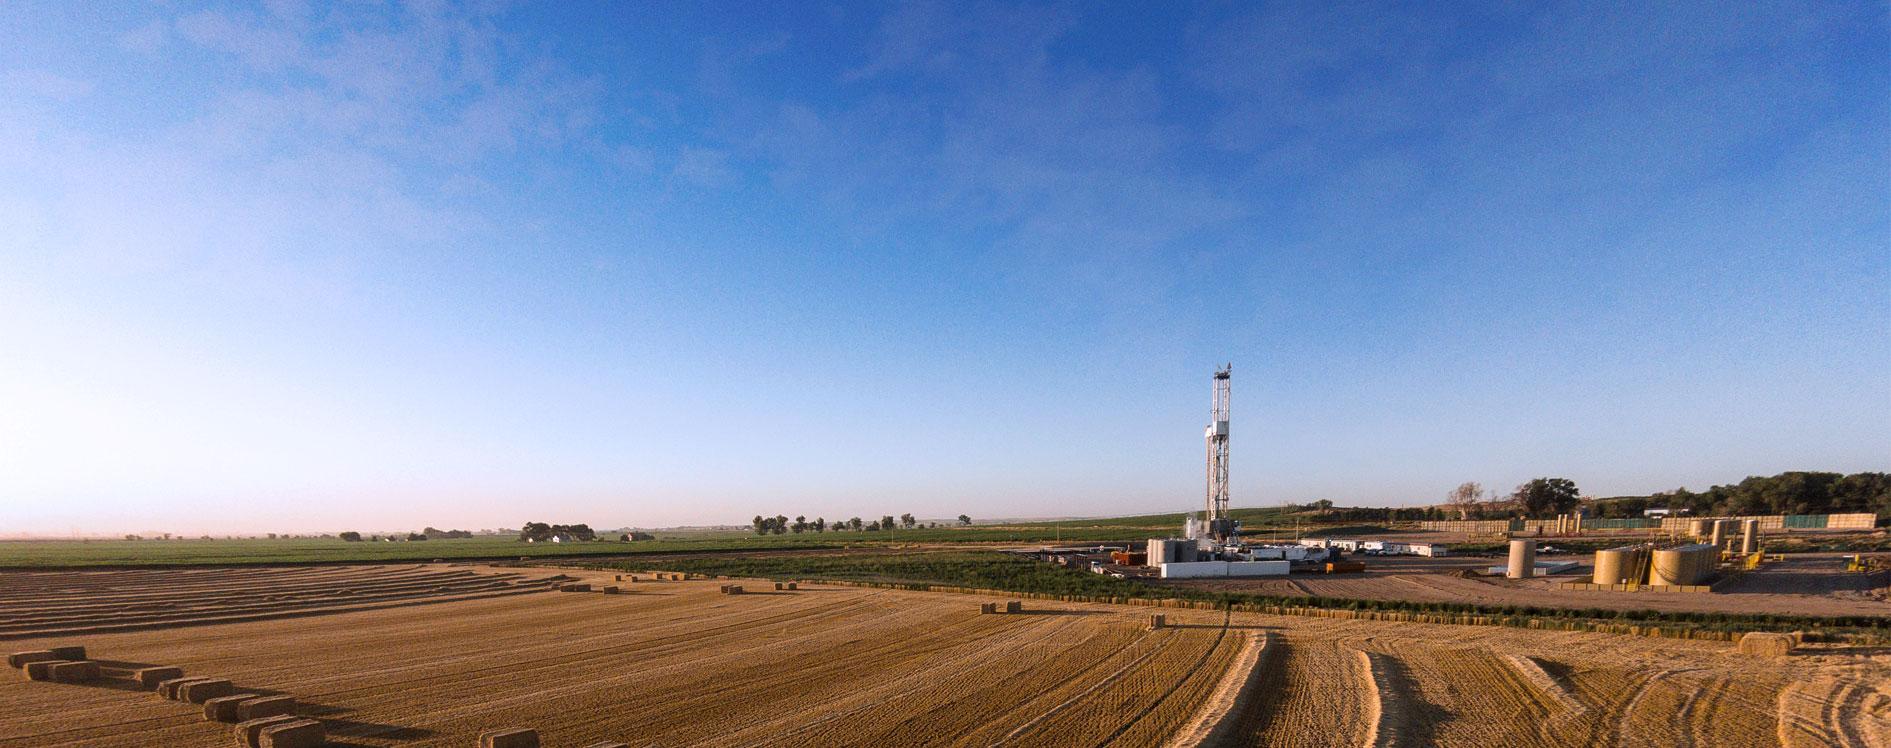 Wattenberg Field